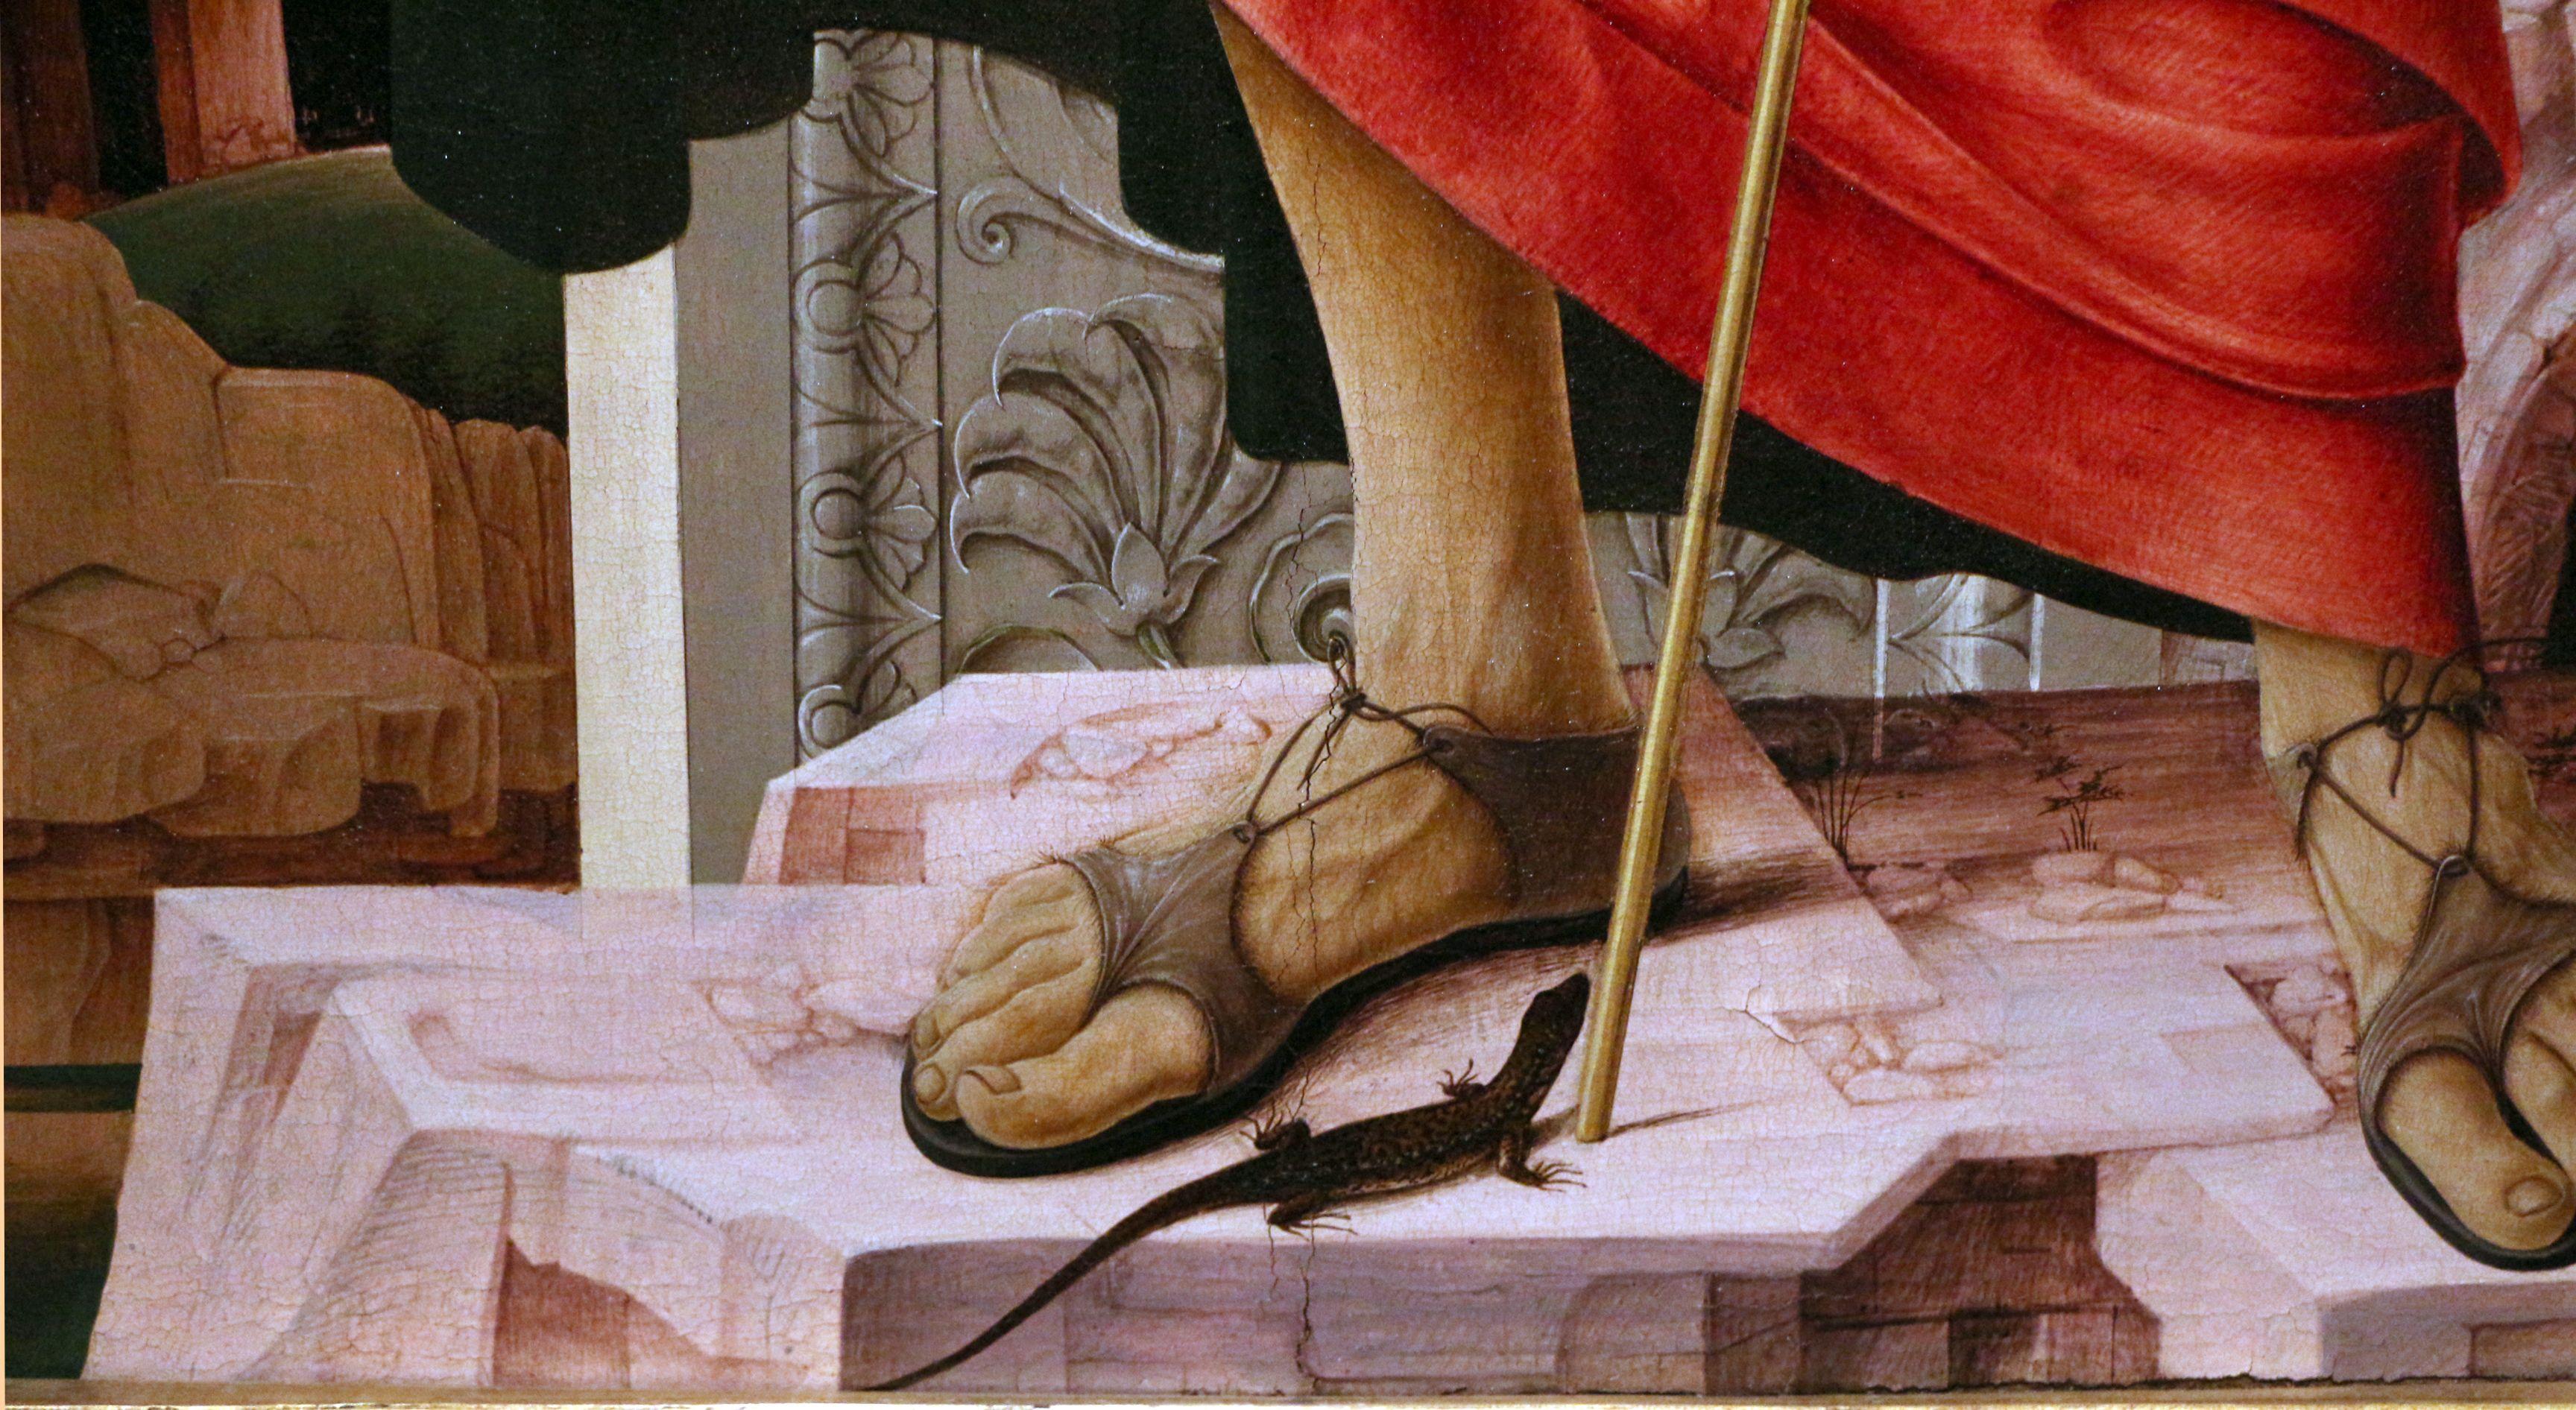 Francesco del Cossa - San Giovanni Battista (Polittico Griffoni), dettaglio  - 1473 - Pinacoteca di Brera, Milano | Giovanni battista, San giovanni,  Battisti